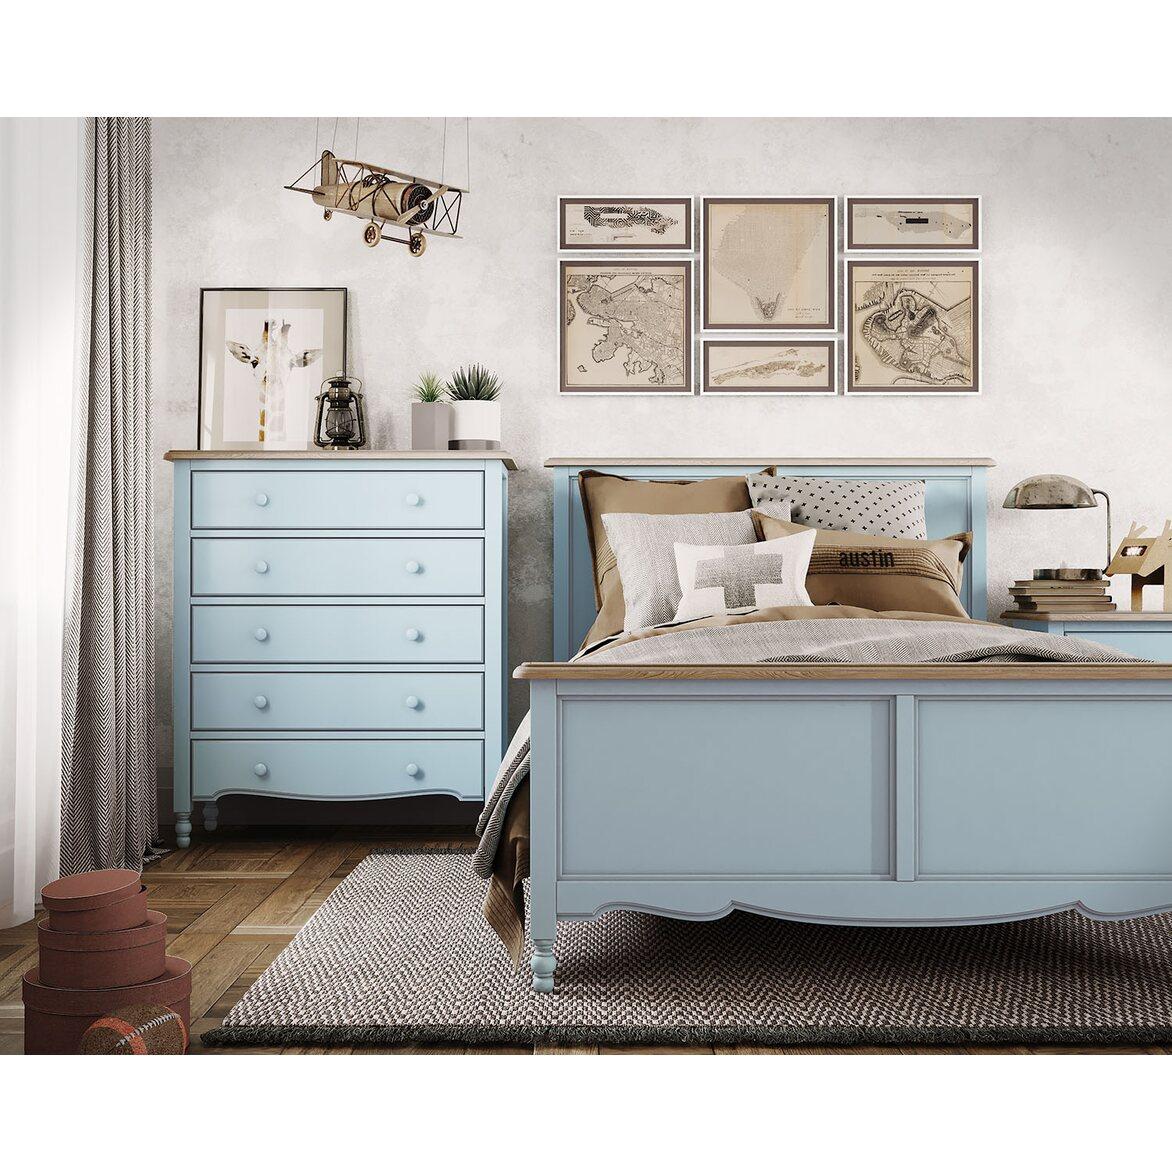 Кровать односпальная 120*200 Leblanc, голубая 6 | Односпальные кровати Kingsby